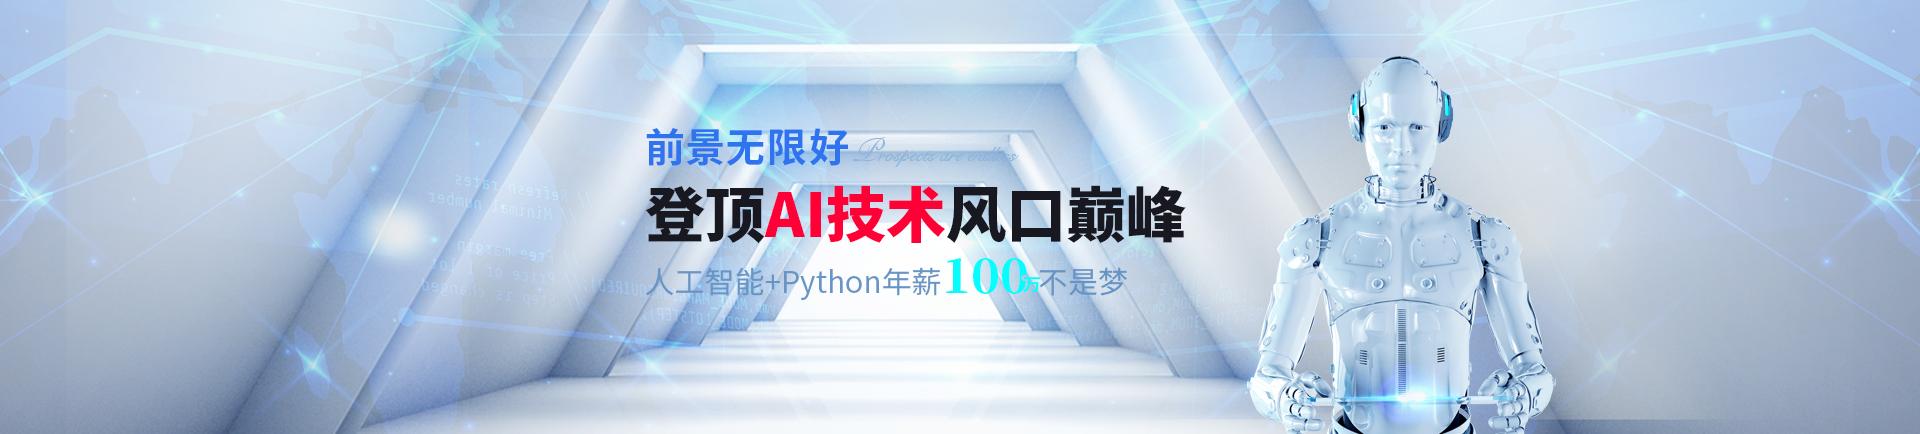 登顶AI技术风�巅峰 人工智能+Python年薪100万�是梦-shx